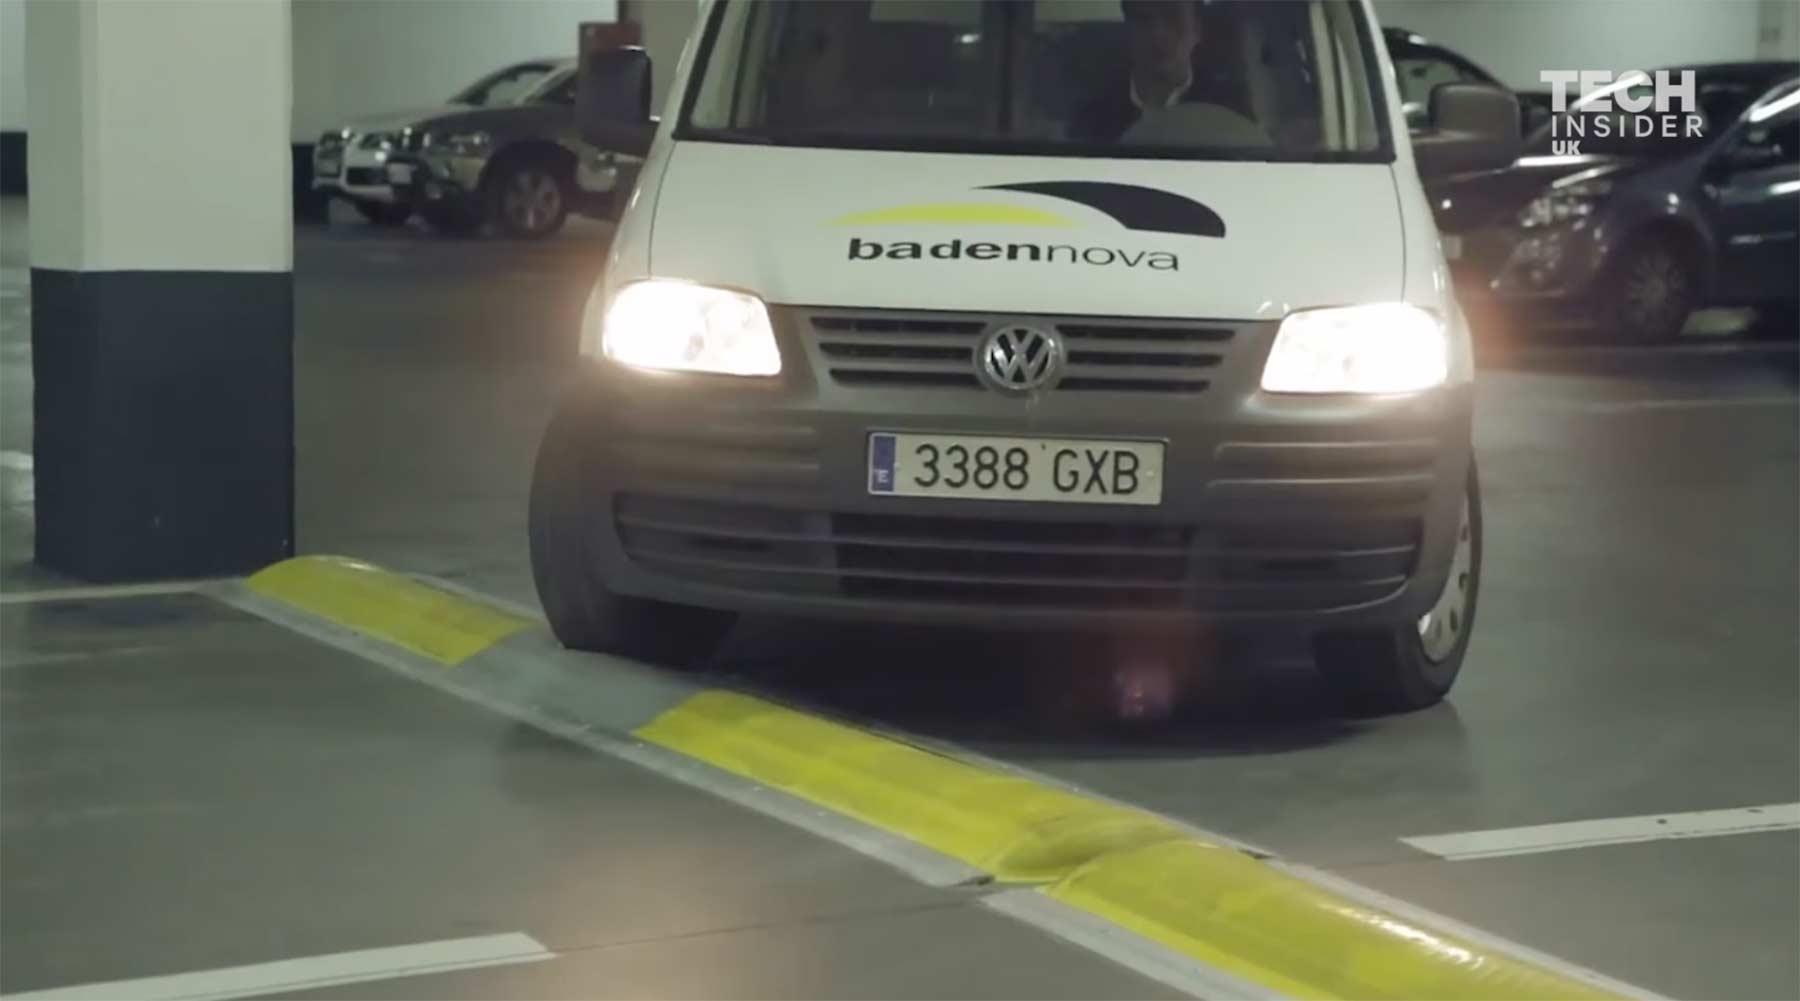 Diese Bremsschweller werden fester bei schnelleren Fahrzeugen